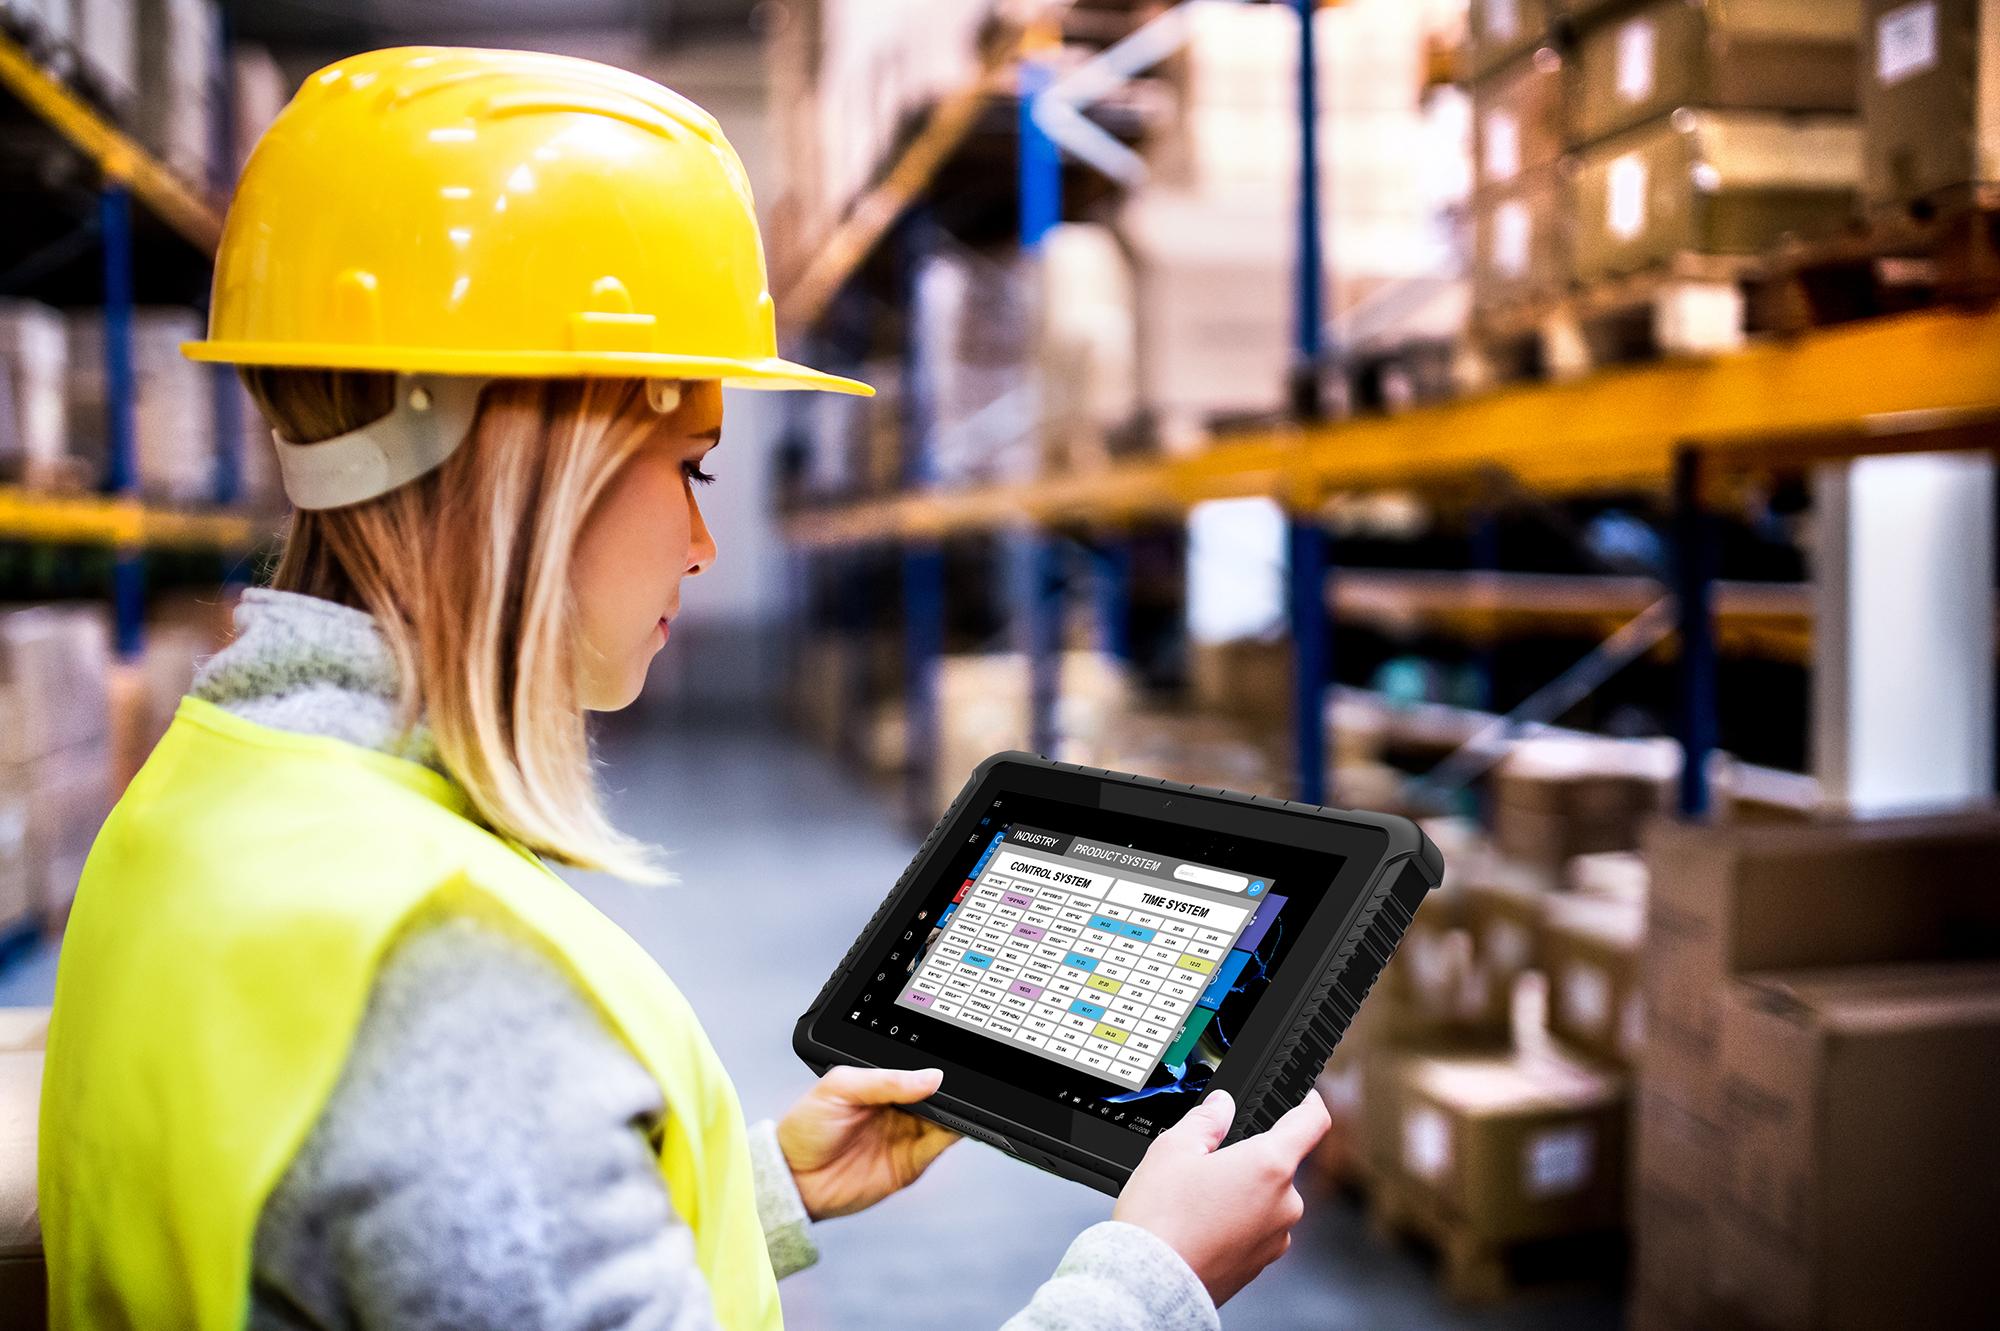 Seria Acer Enduro: Notebook-uri și tablete pregătite pentru condiții dure de muncă